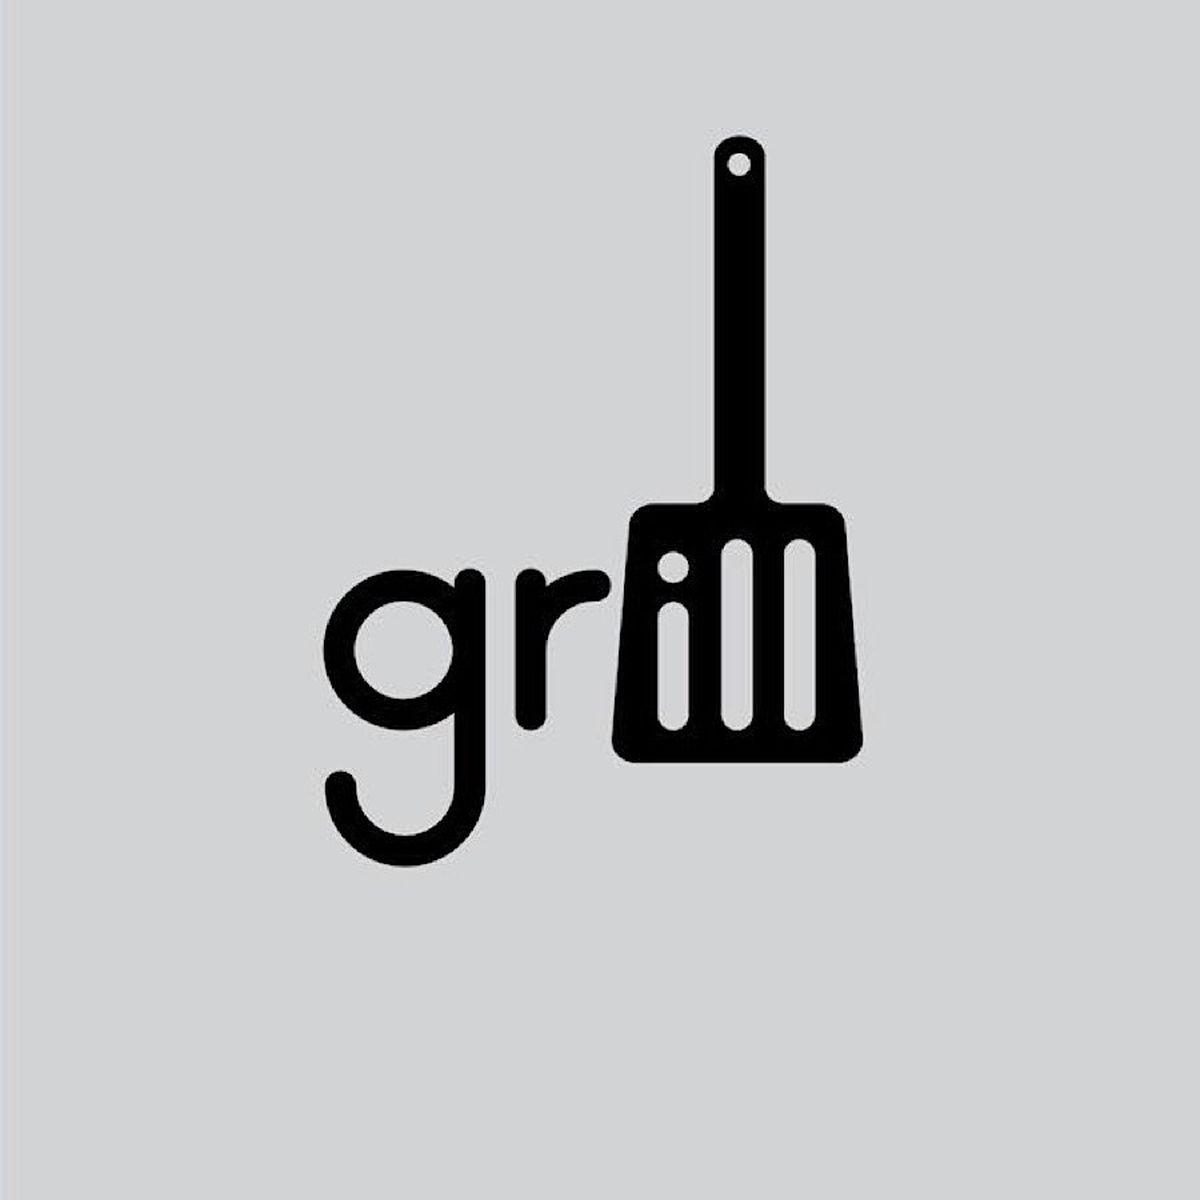 Jeden Tag ein Logo von Daniel Carlmatz | Design/Kunst | Was is hier eigentlich los?